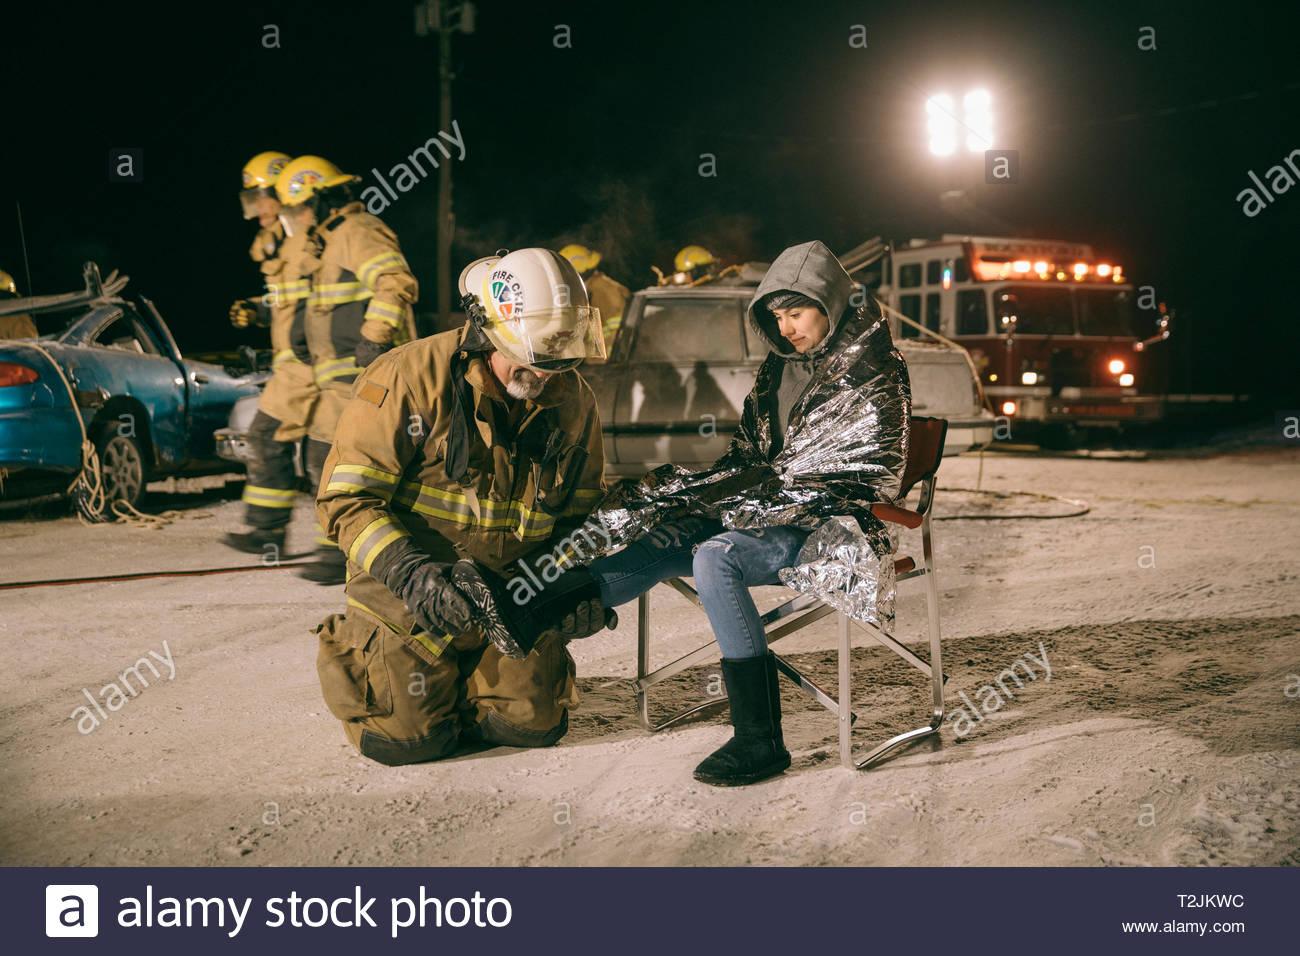 El bombero tendiendo a víctima de accidente de coche Imagen De Stock